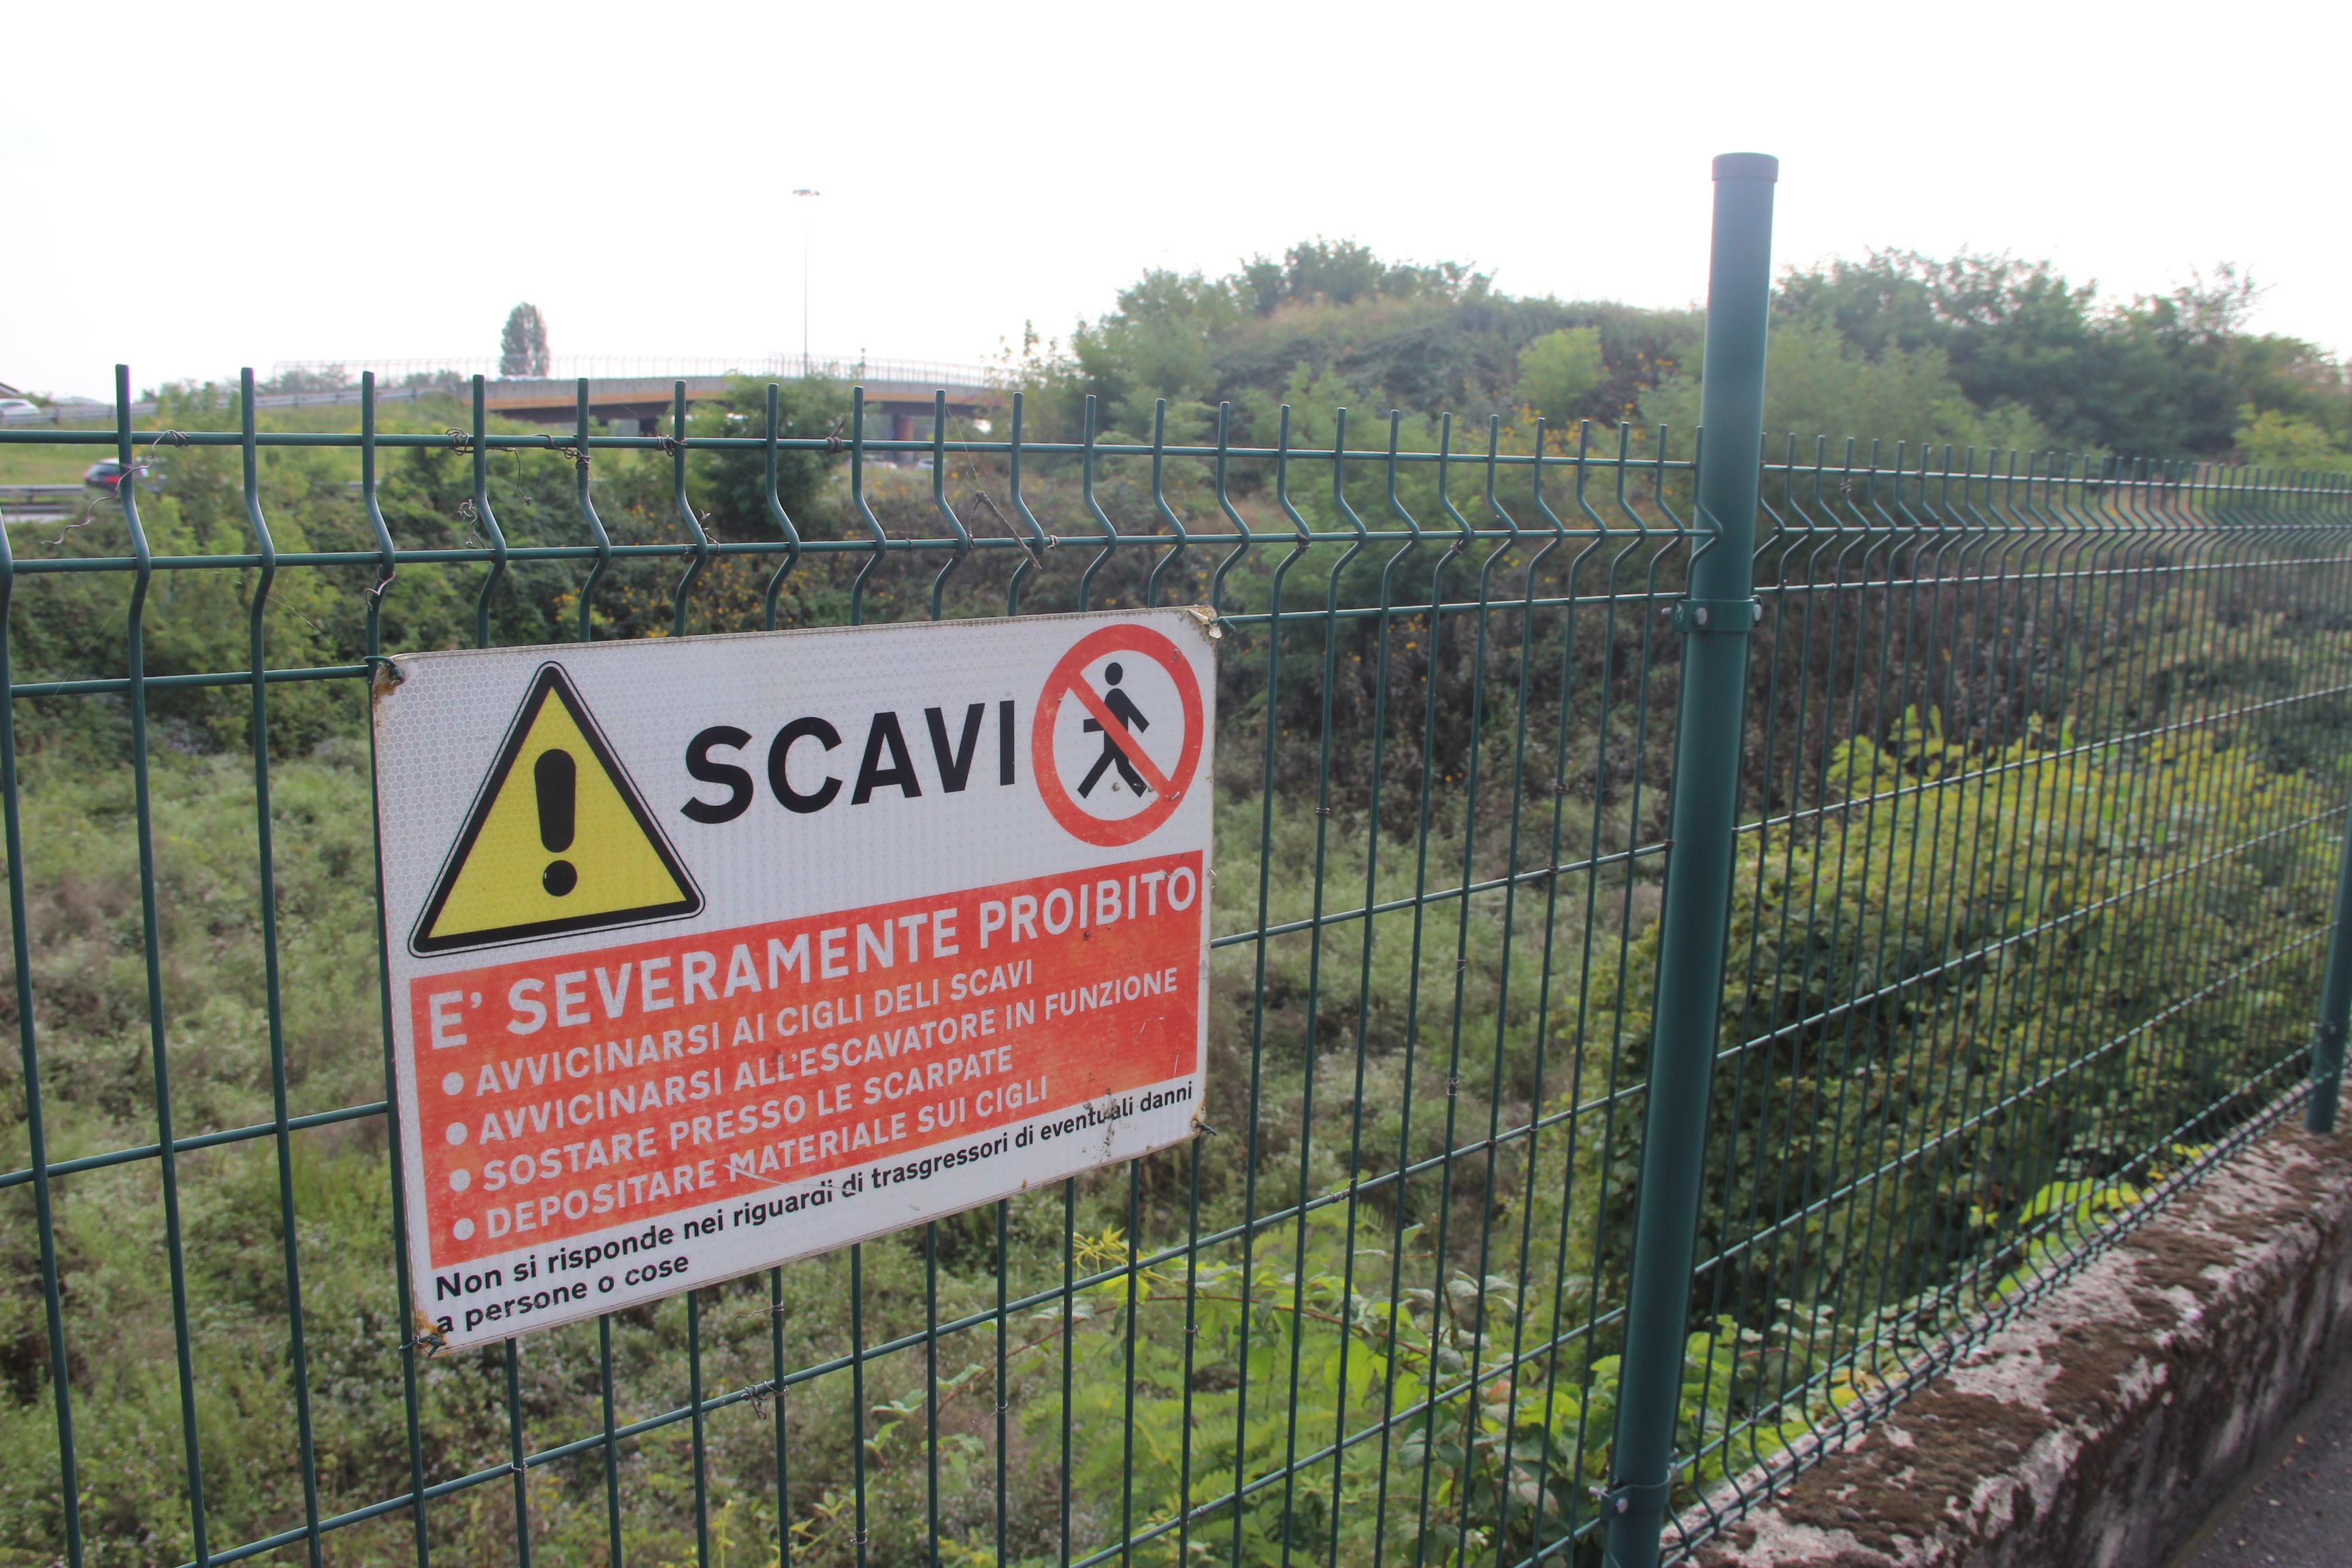 Ex cava di via Cellini, raggiunto l'accordo: Anas provvederà alla bonifica e cederà il terreno per completare via Sacconi